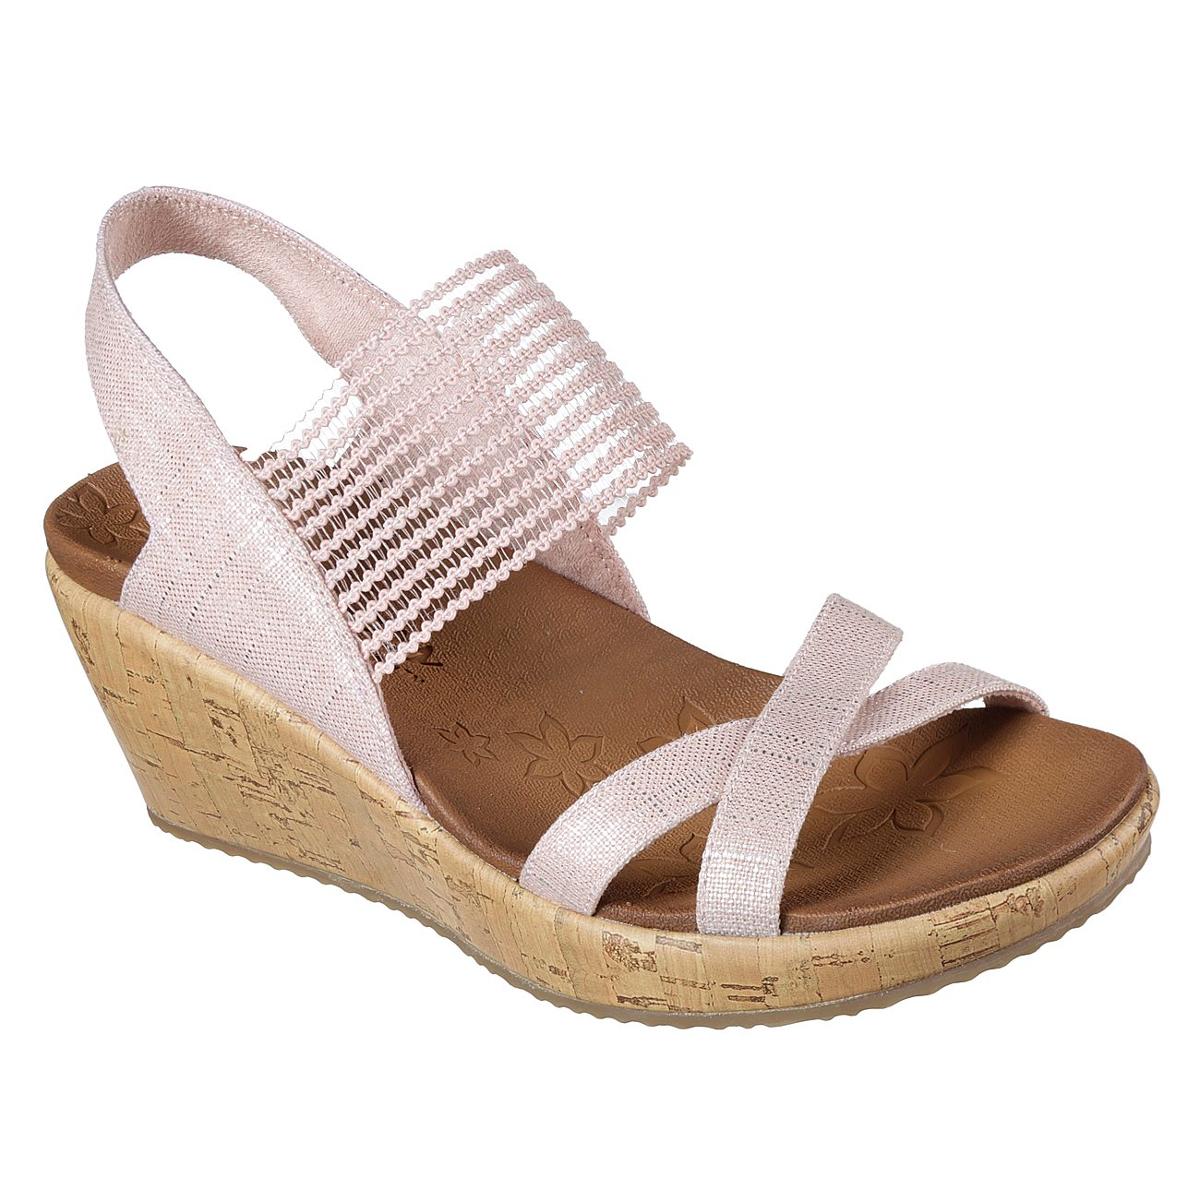 Skechers Women's Beverlee - High Tea Wedge Sandals - Red, 10